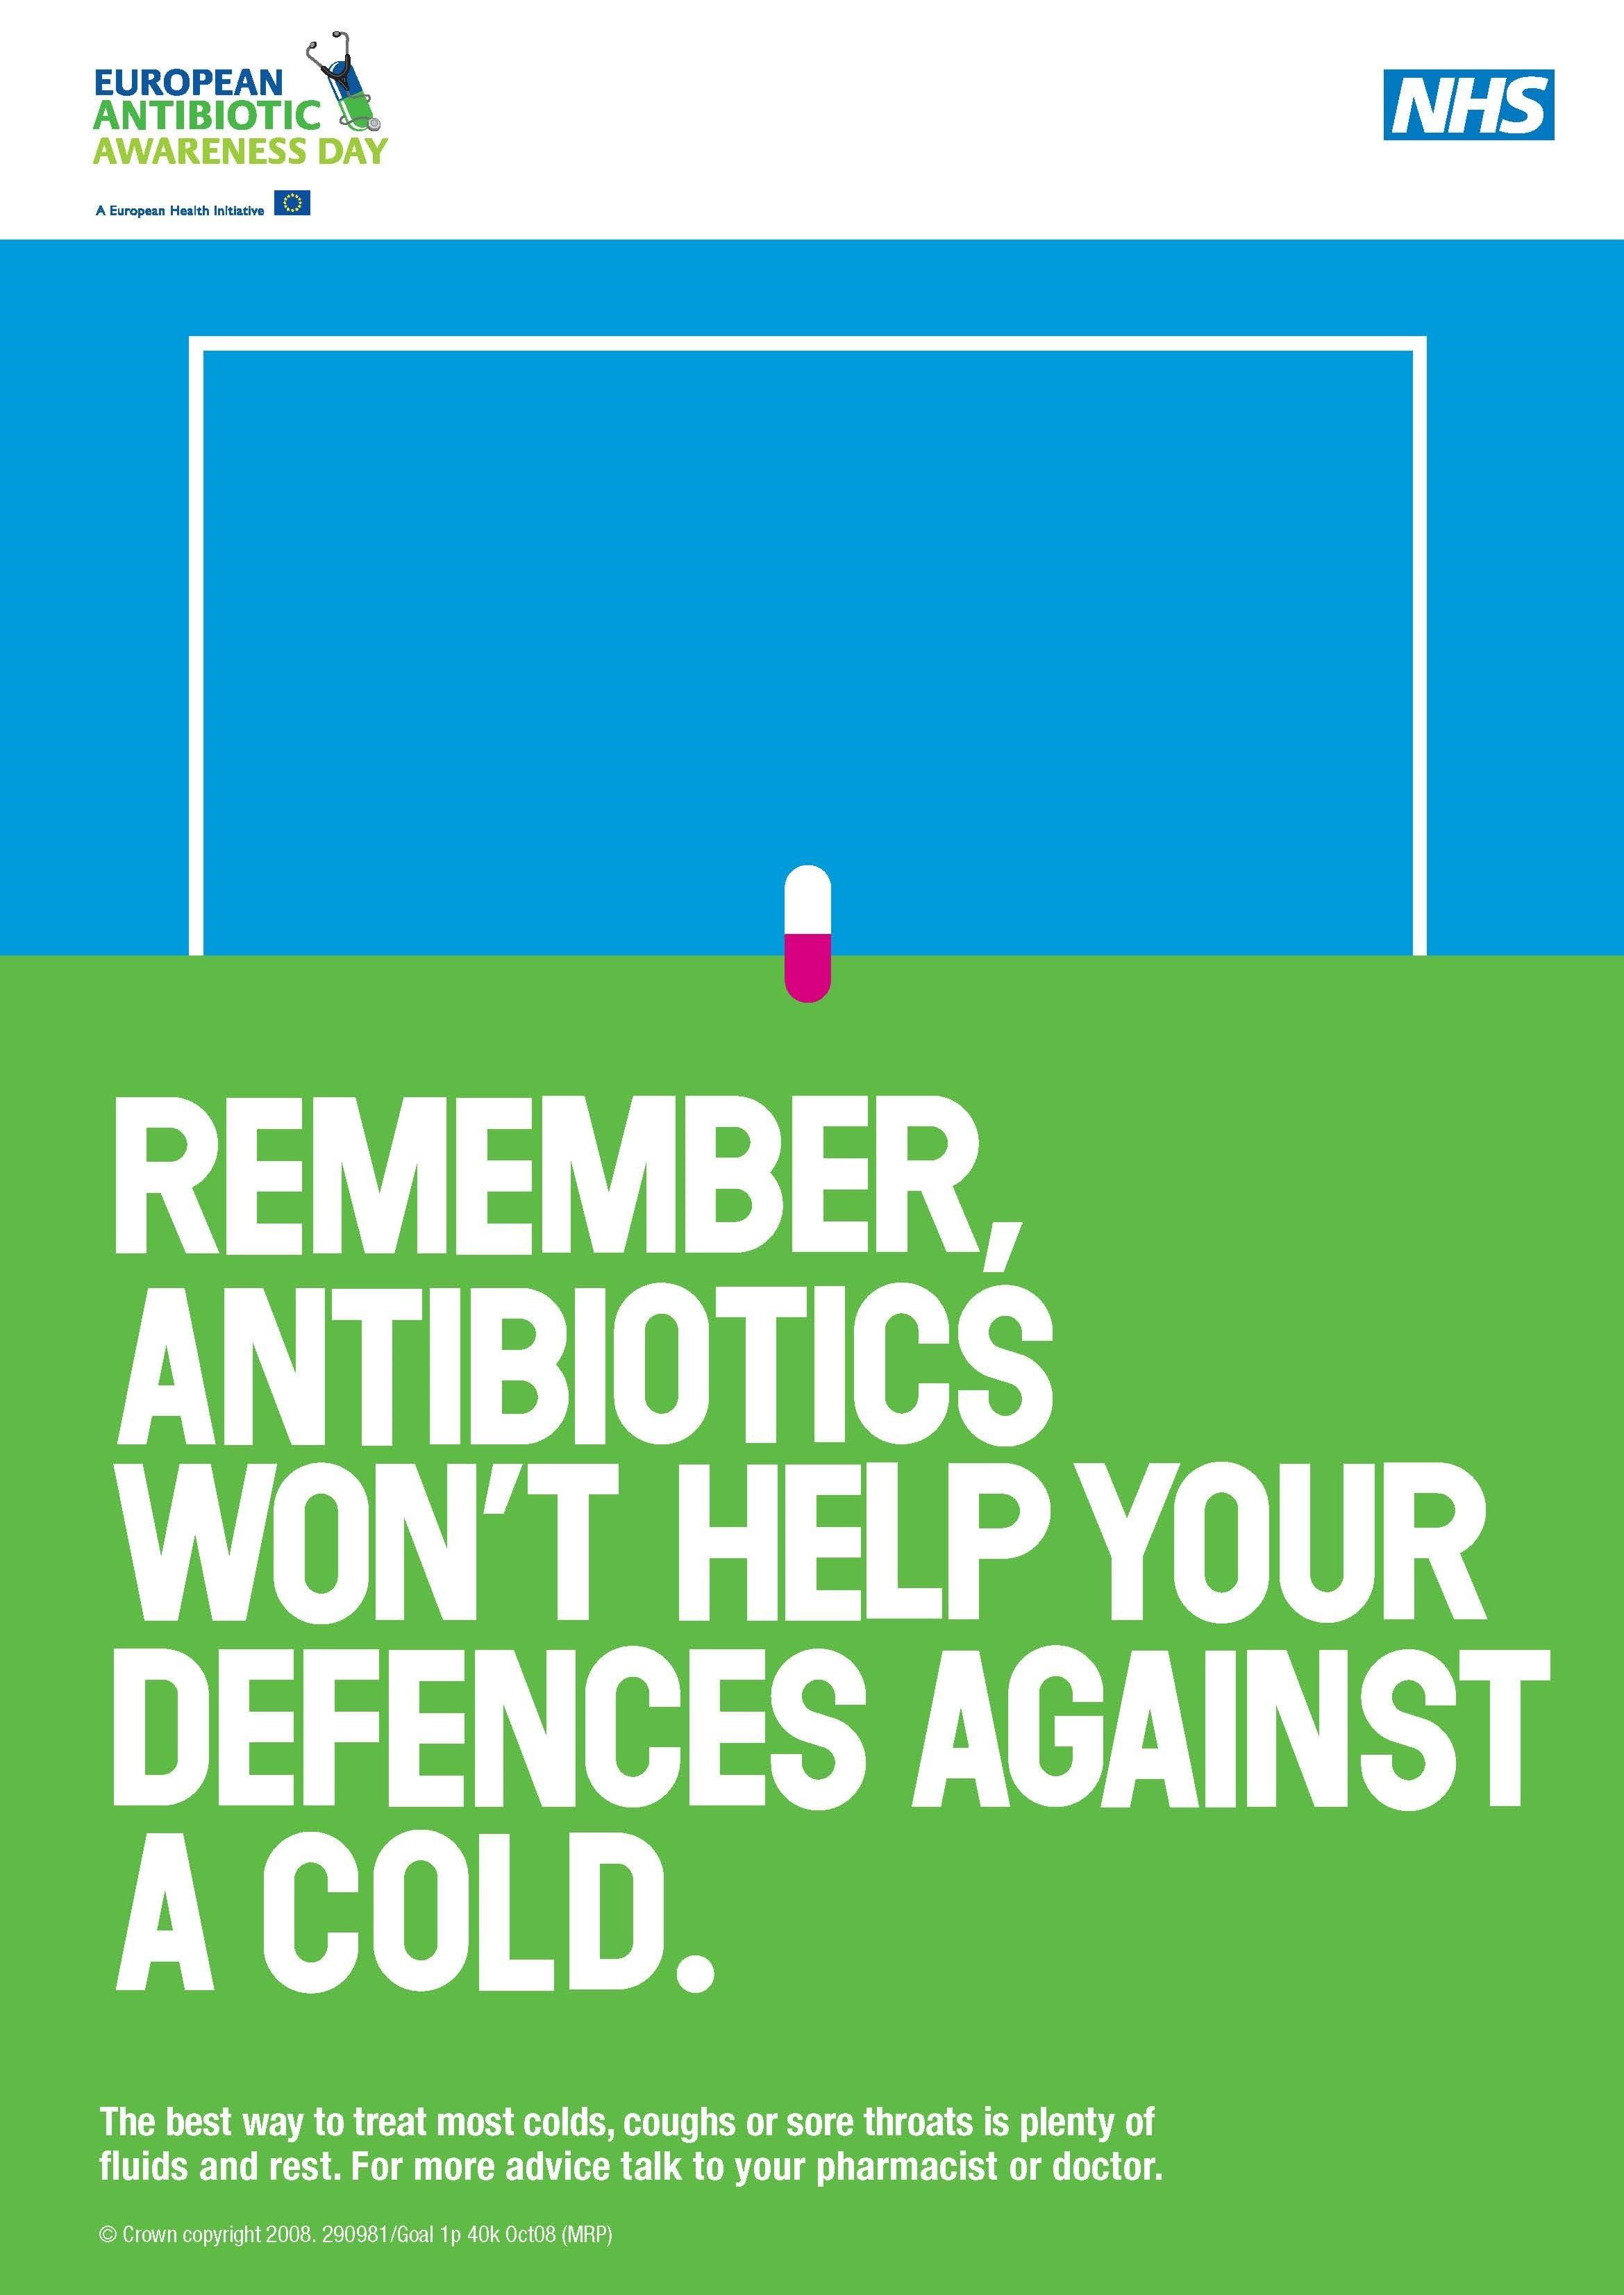 EU Antibiotic Awareness infographic